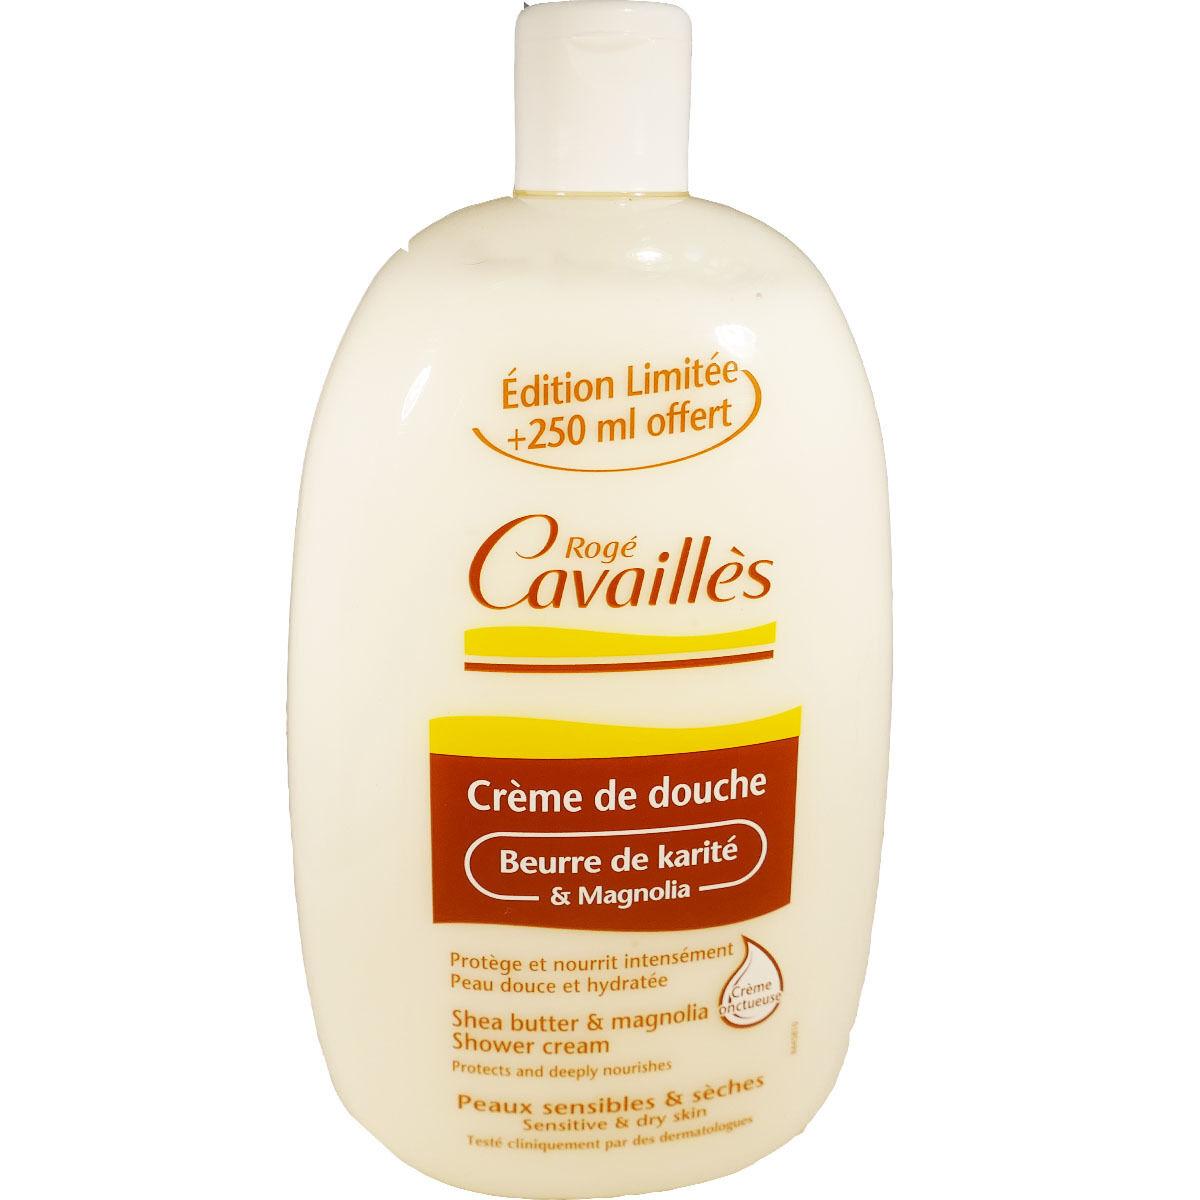 Roge cavailles creme de douche beurre de karite  750 ml